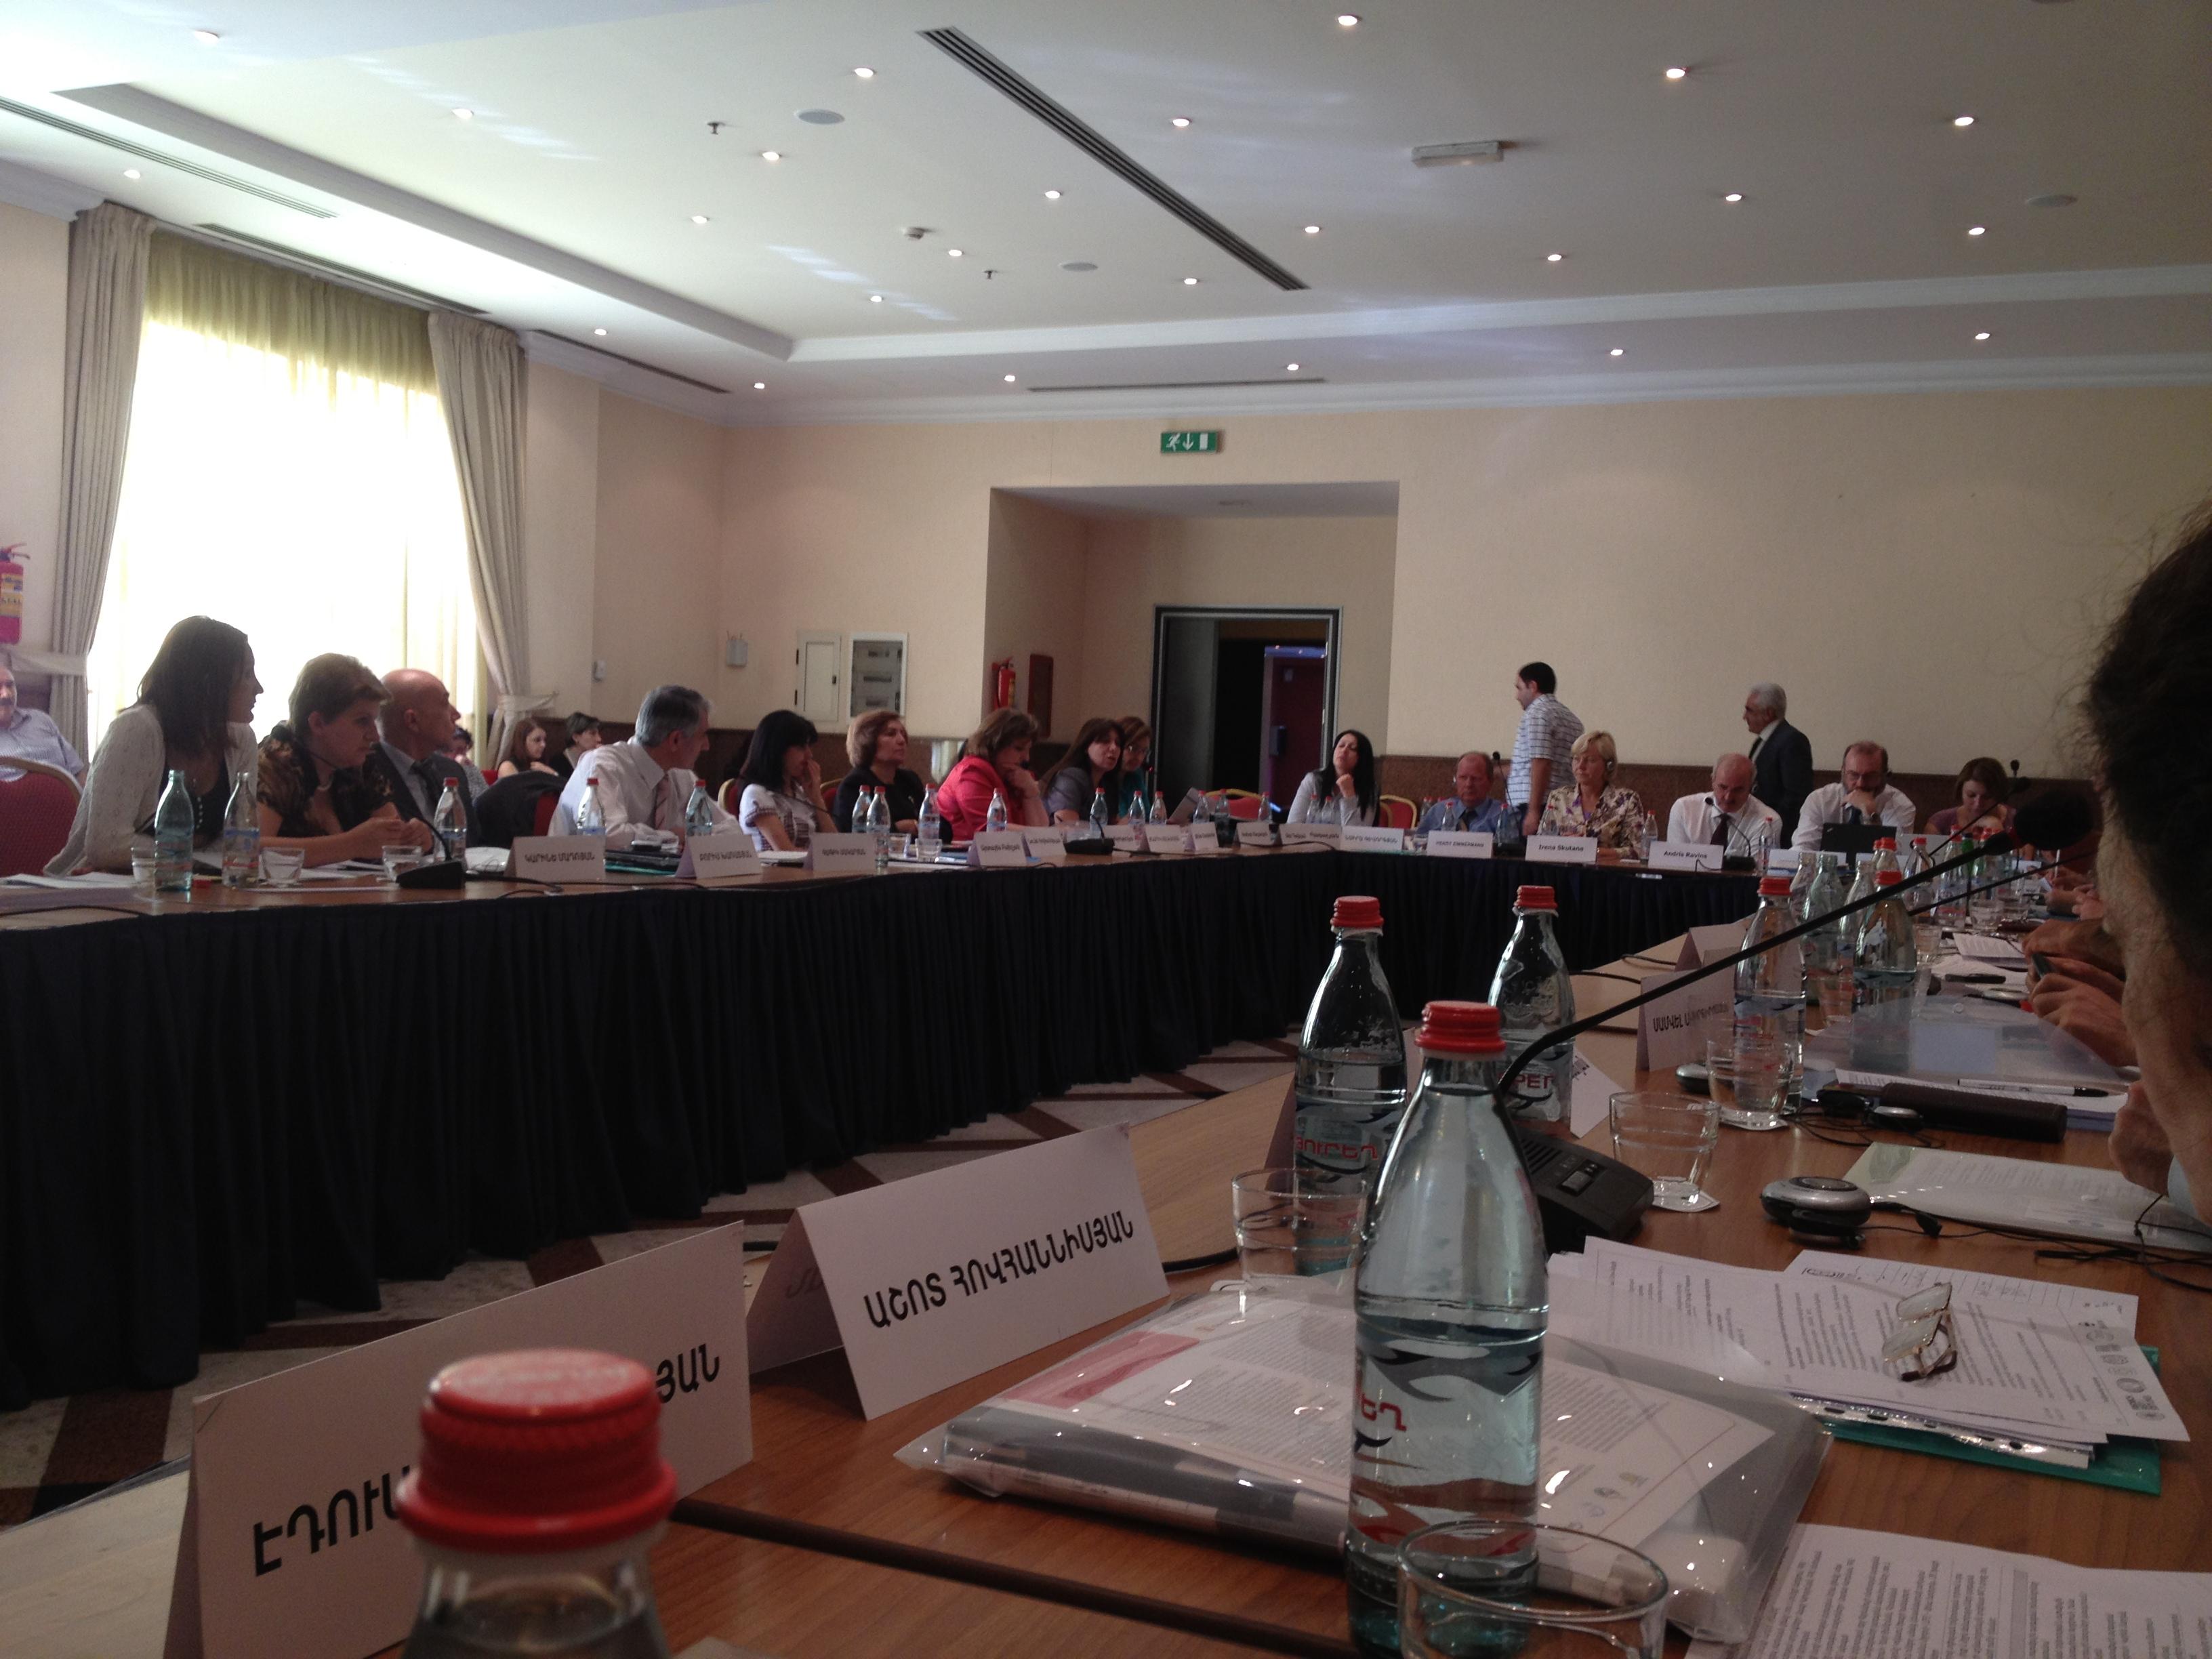 Սոցիալական գործընկերության 3-րդ ազգային կոնֆերանս